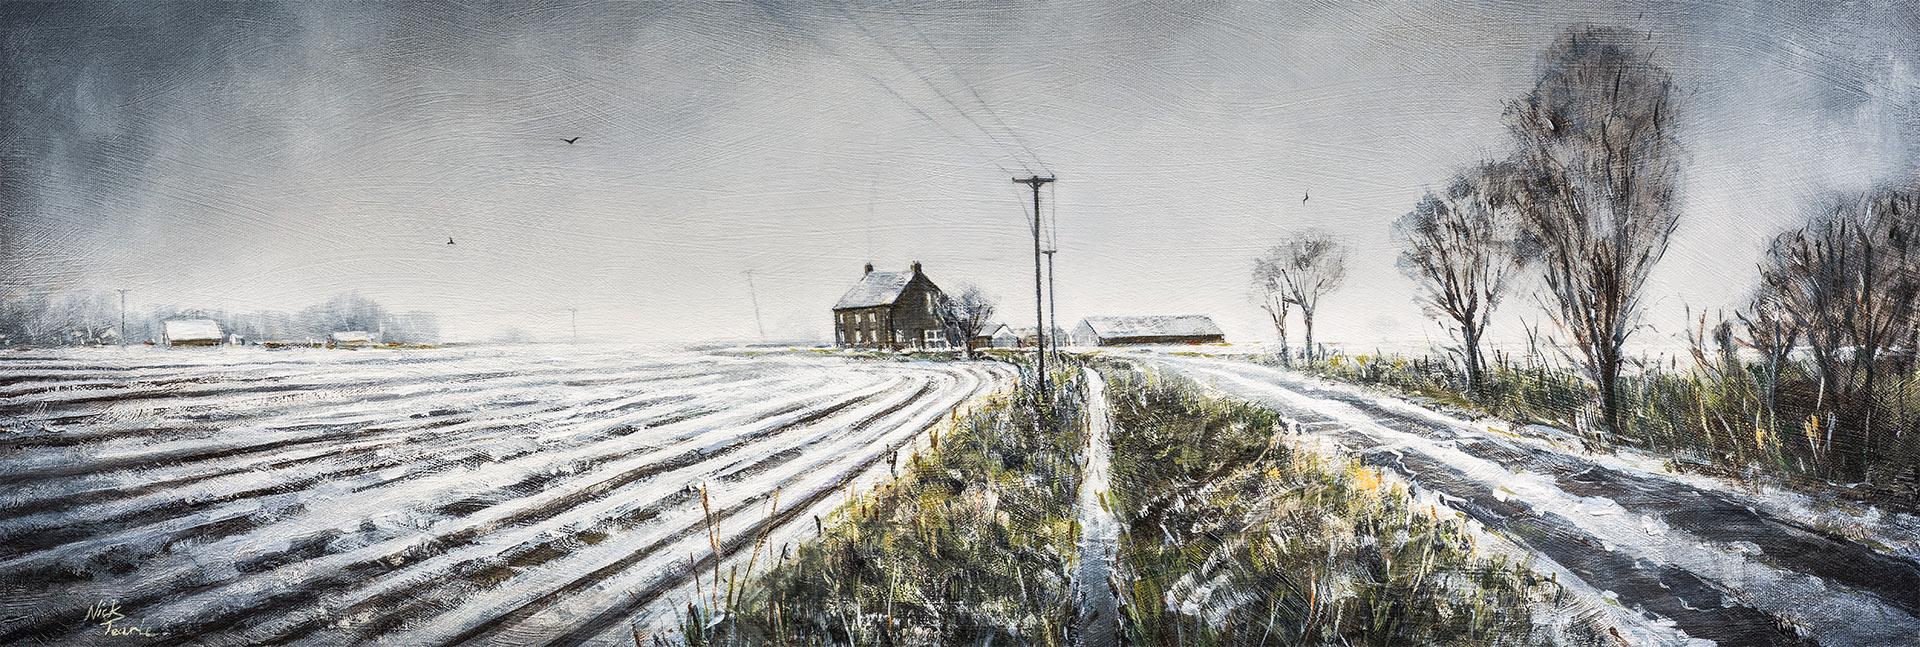 Inkerton Fen - Nick Tearle Fenland Artist